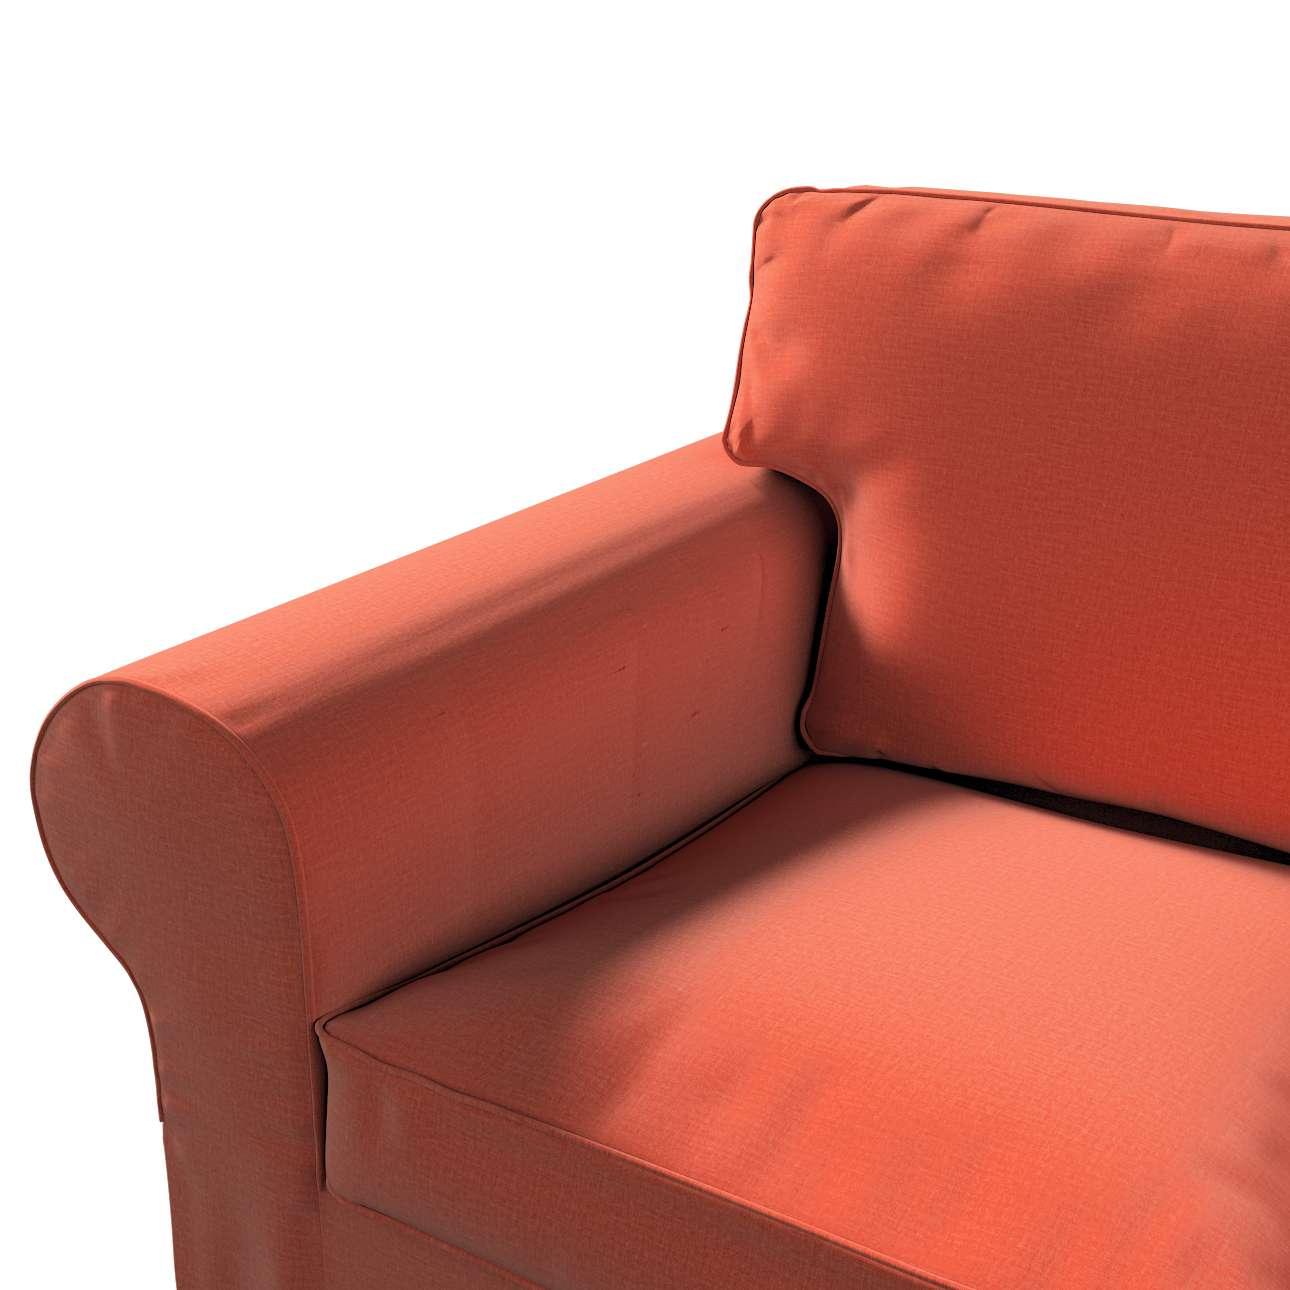 Pokrowiec na sofę Ektorp 2-osobową, nierozkładaną w kolekcji Ingrid, tkanina: 705-37